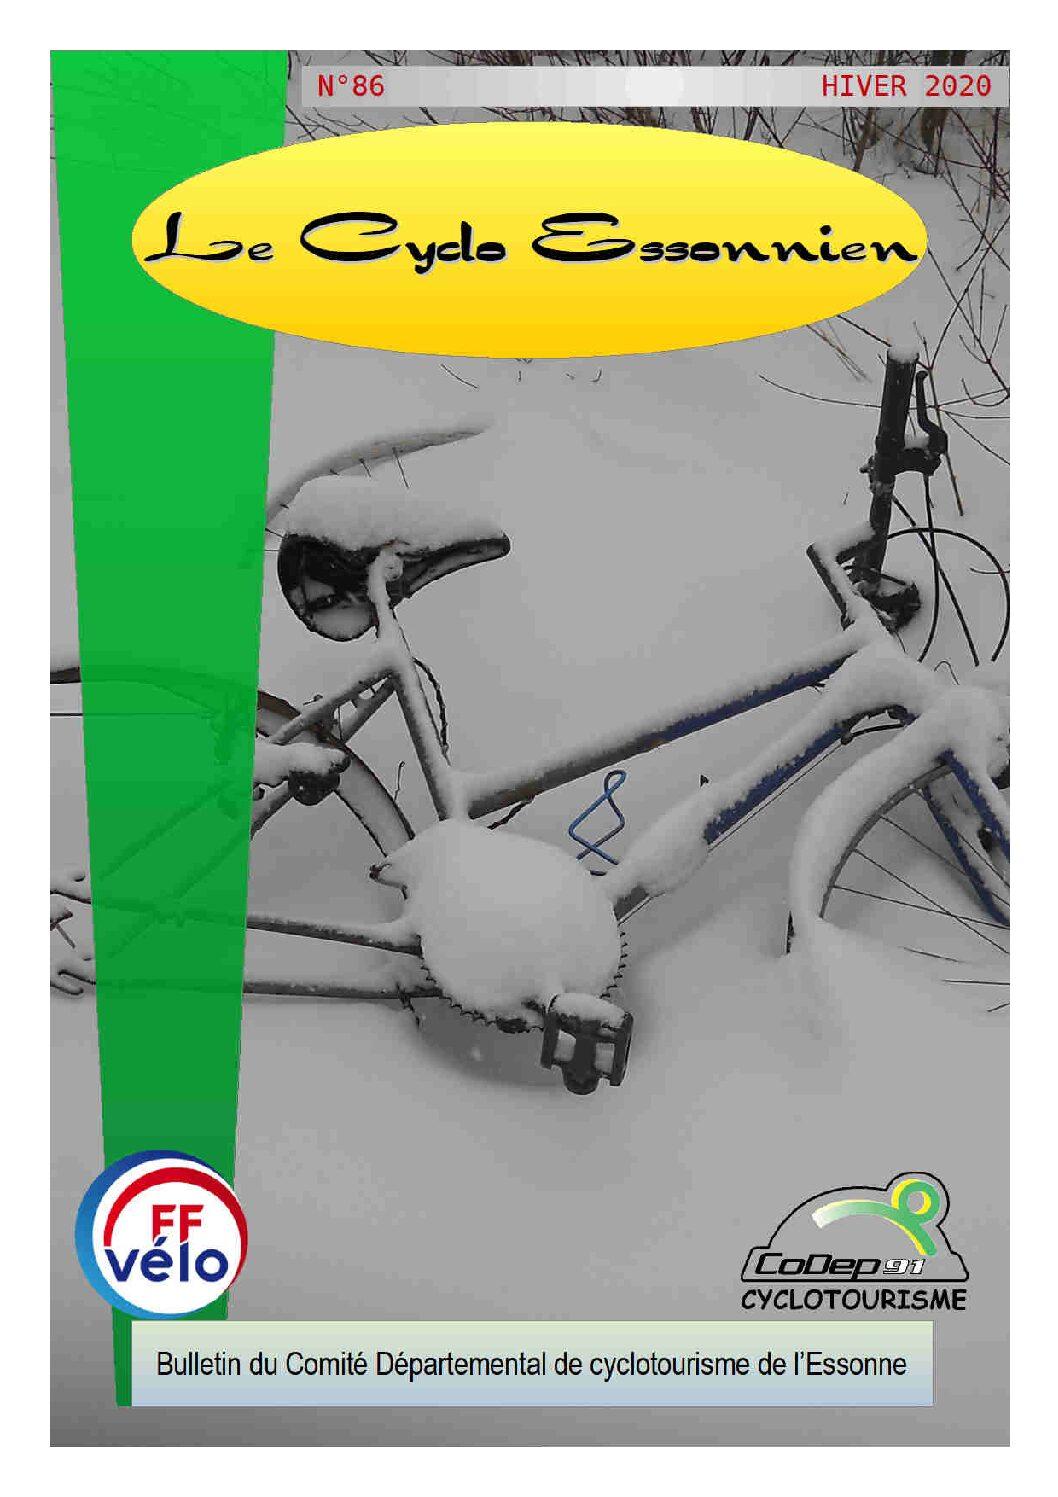 Le Cyclo Essonnien n°86